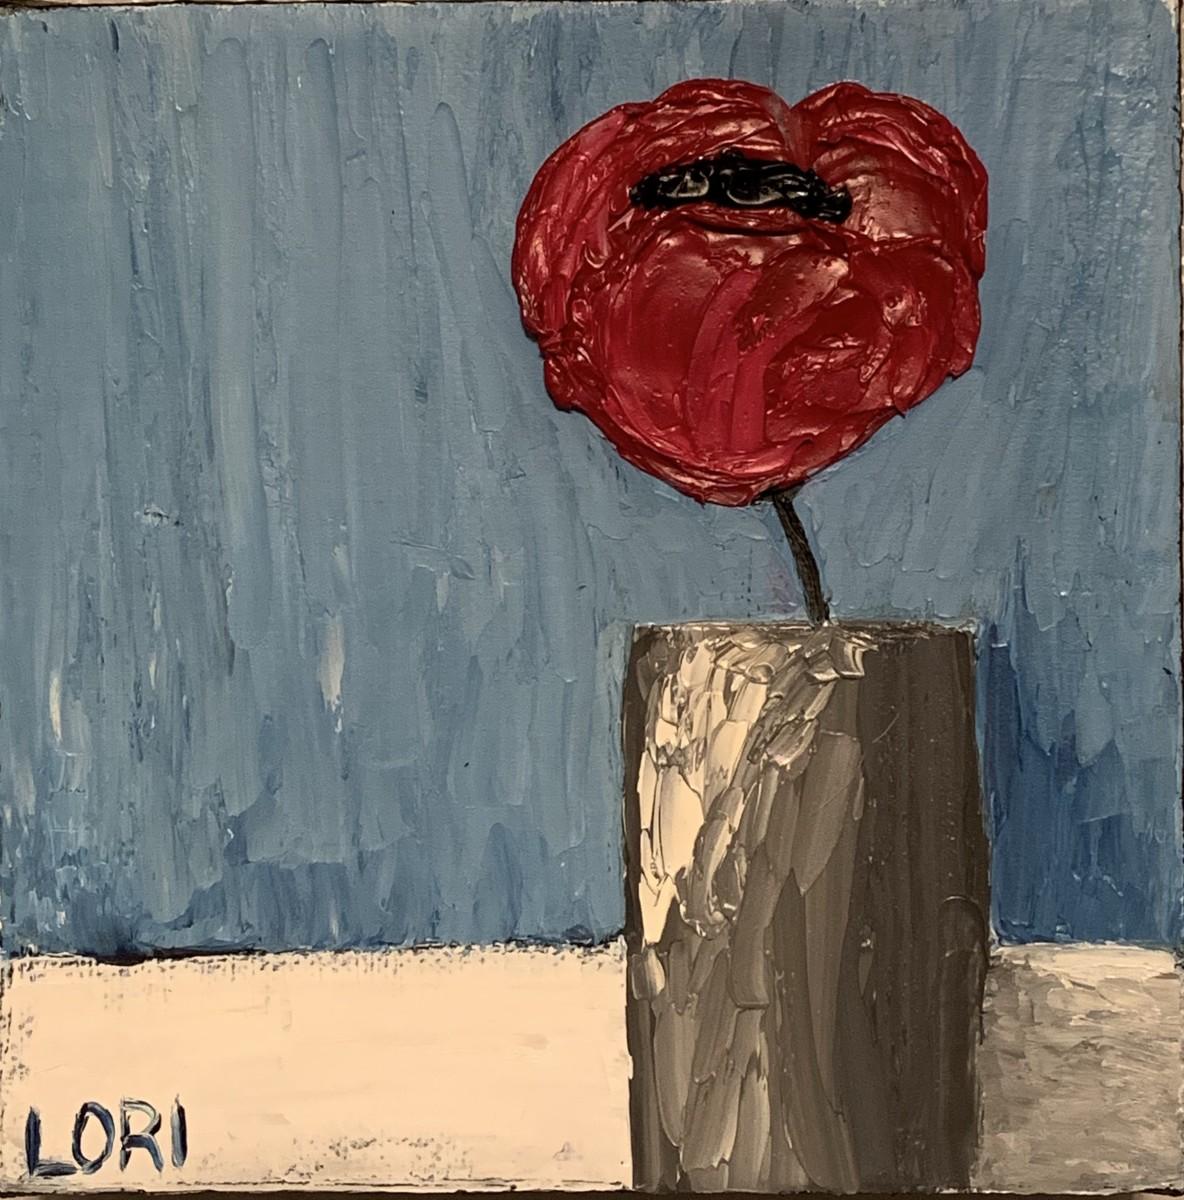 Poppy in a Gray Vase